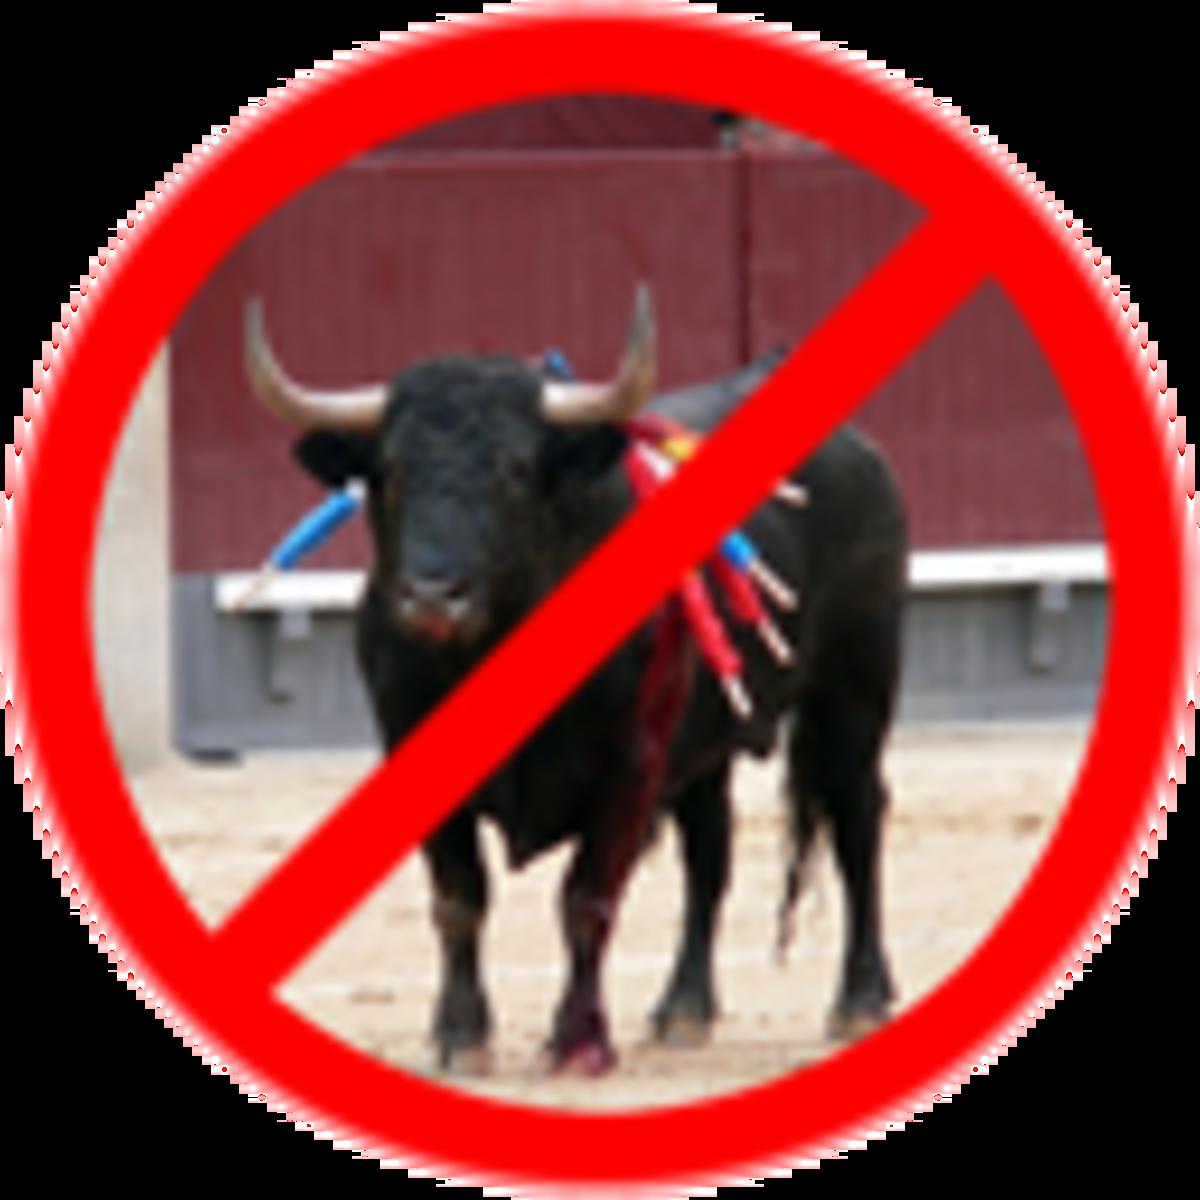 Poster against bullfighting